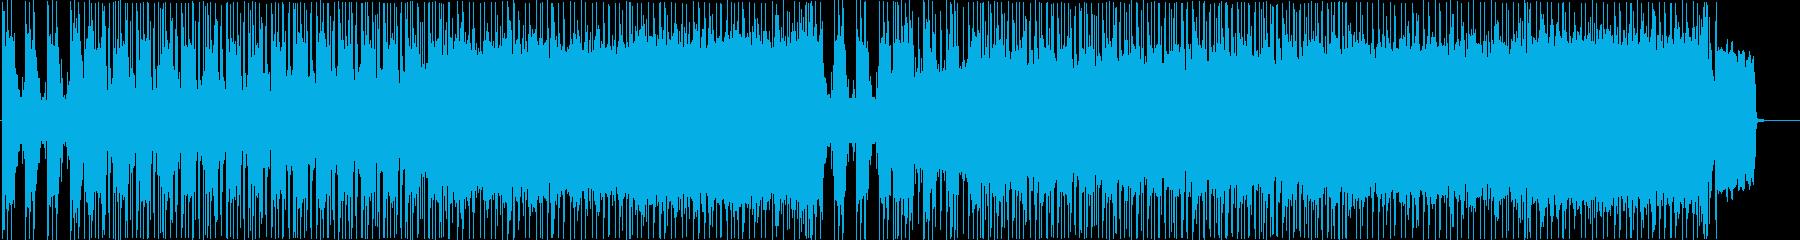 バトルをイメージしたメタルBGMの再生済みの波形